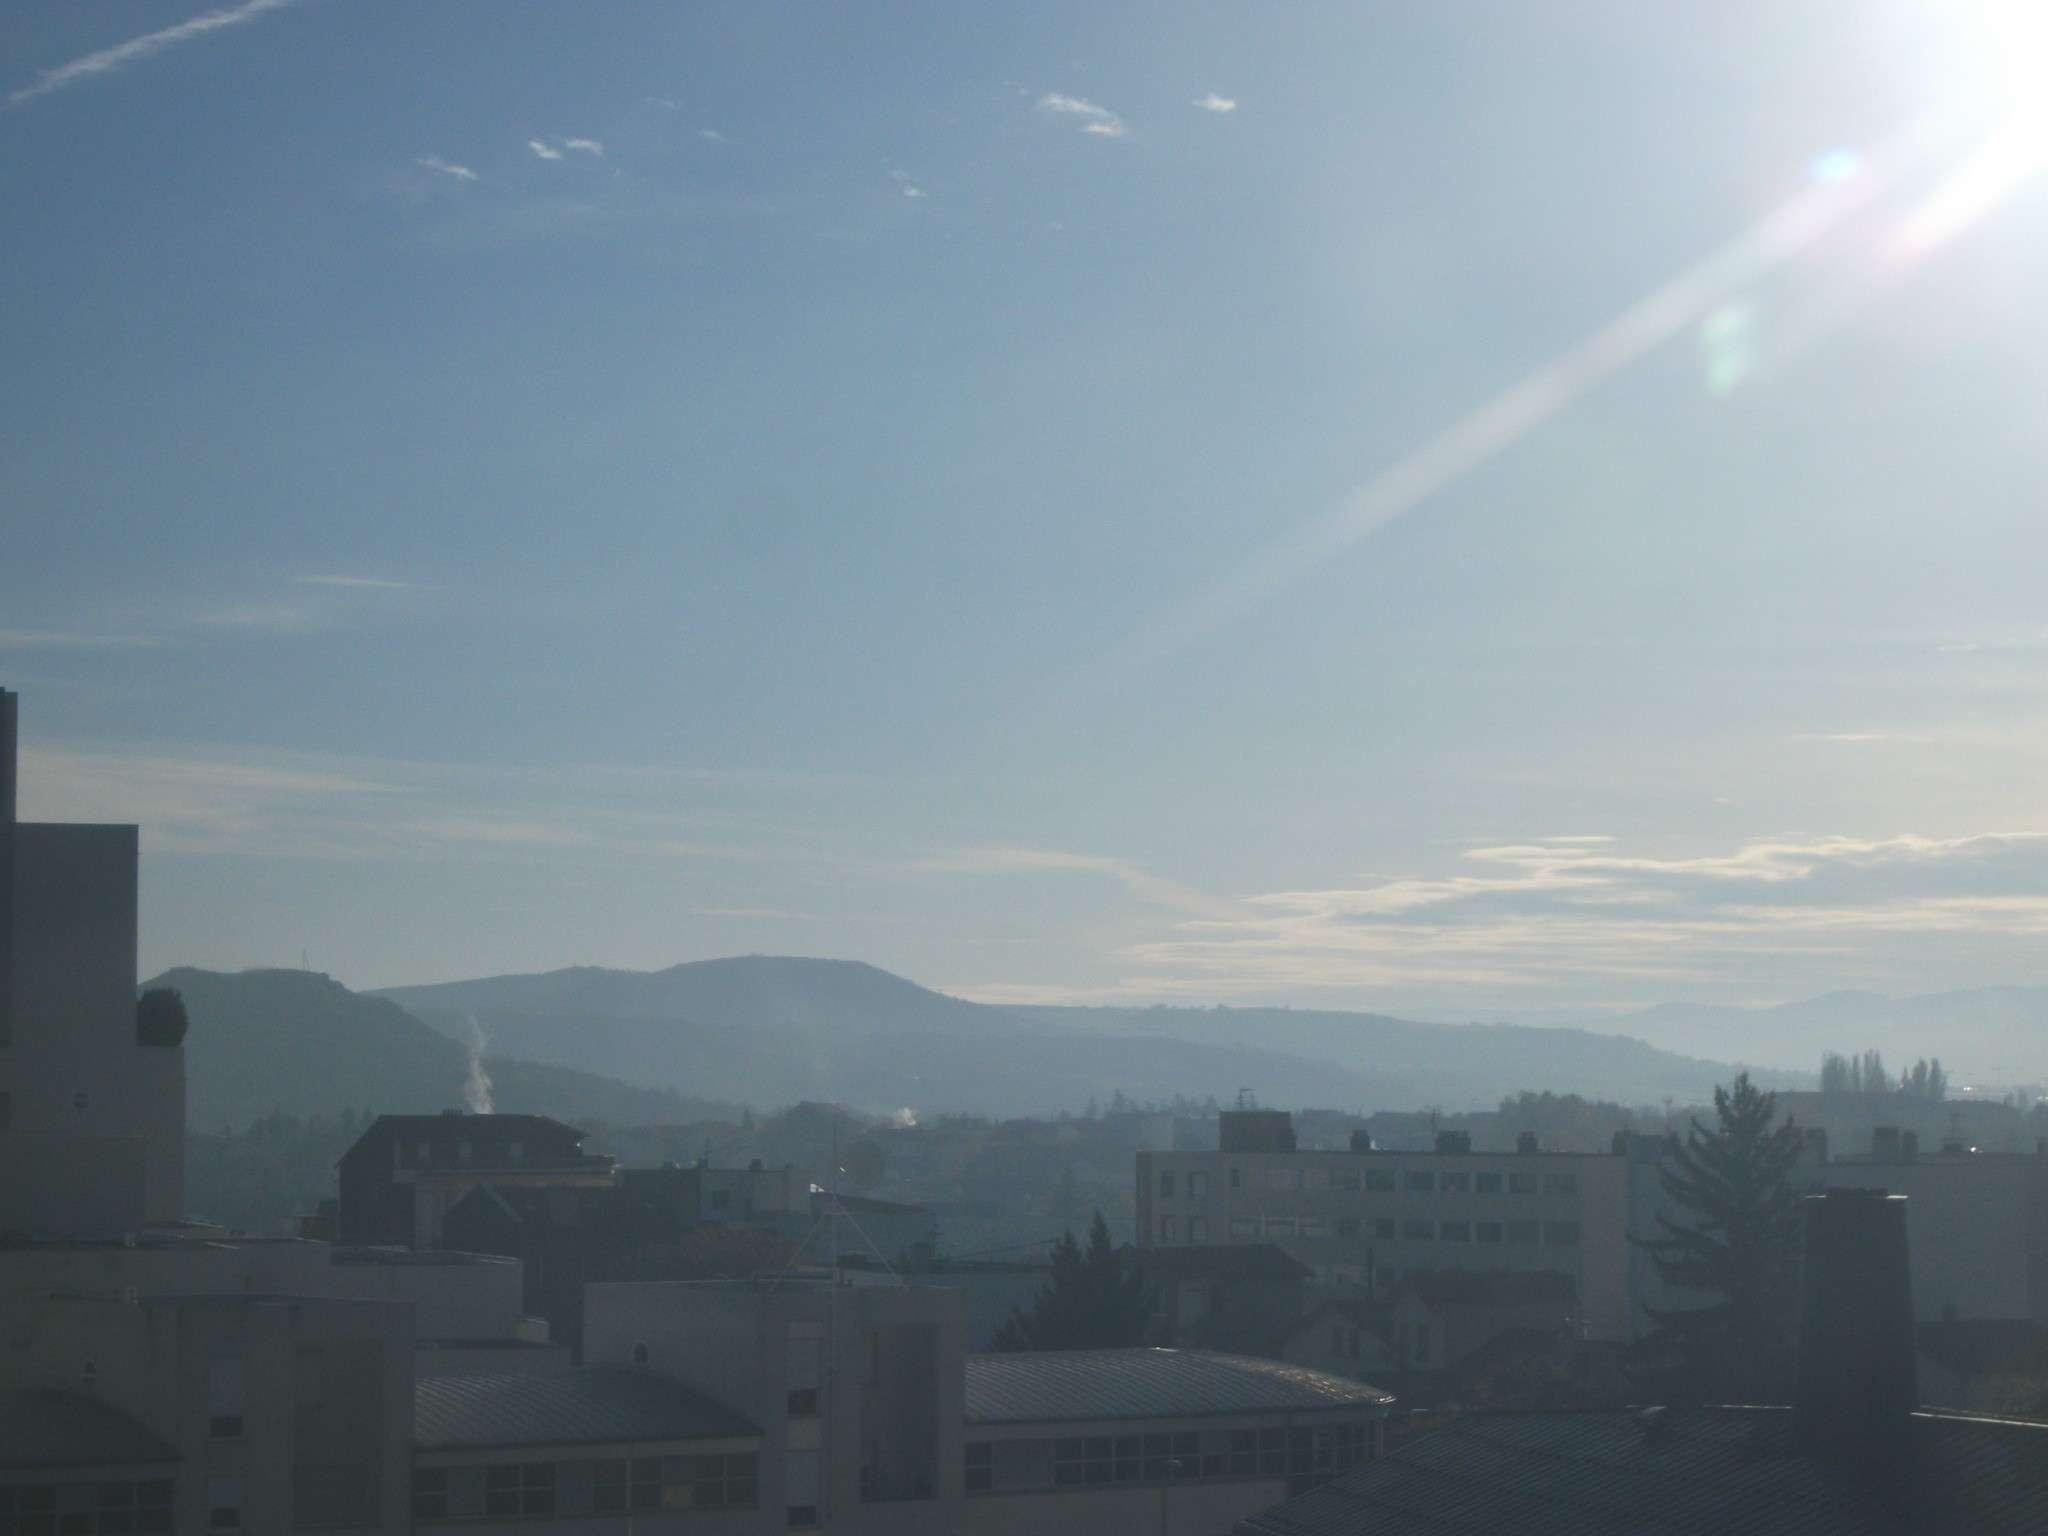 2012: le 05/11 à 21h52 - Disques lumineux - Clermont-Ferrand (63)  - Page 2 Dscf0312